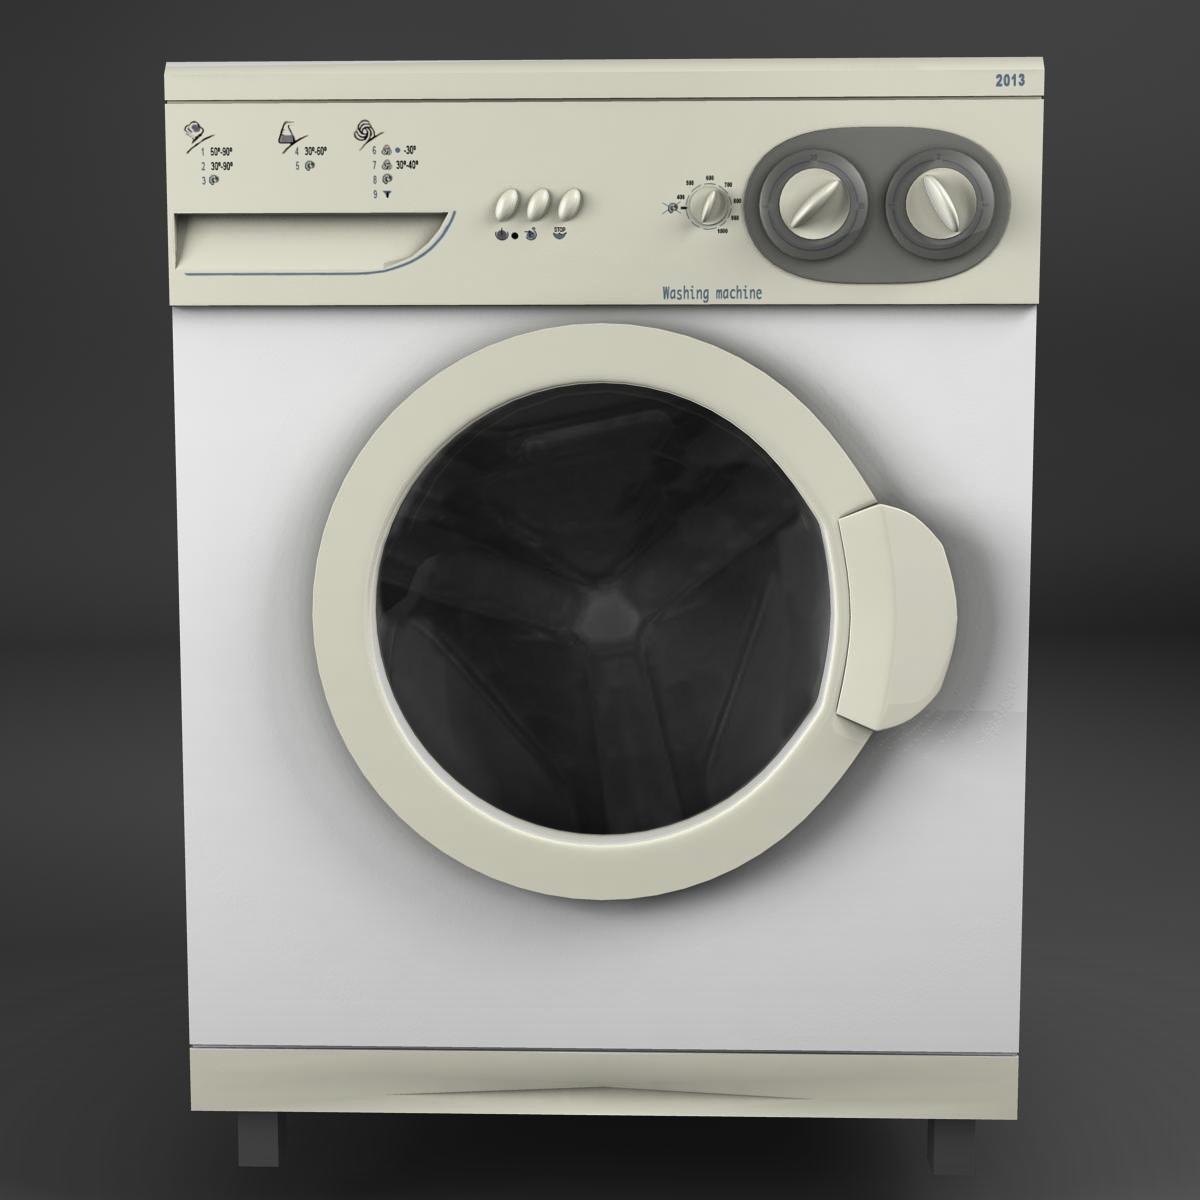 washermachine 3d model 3ds max fbx ma mb obj 158866